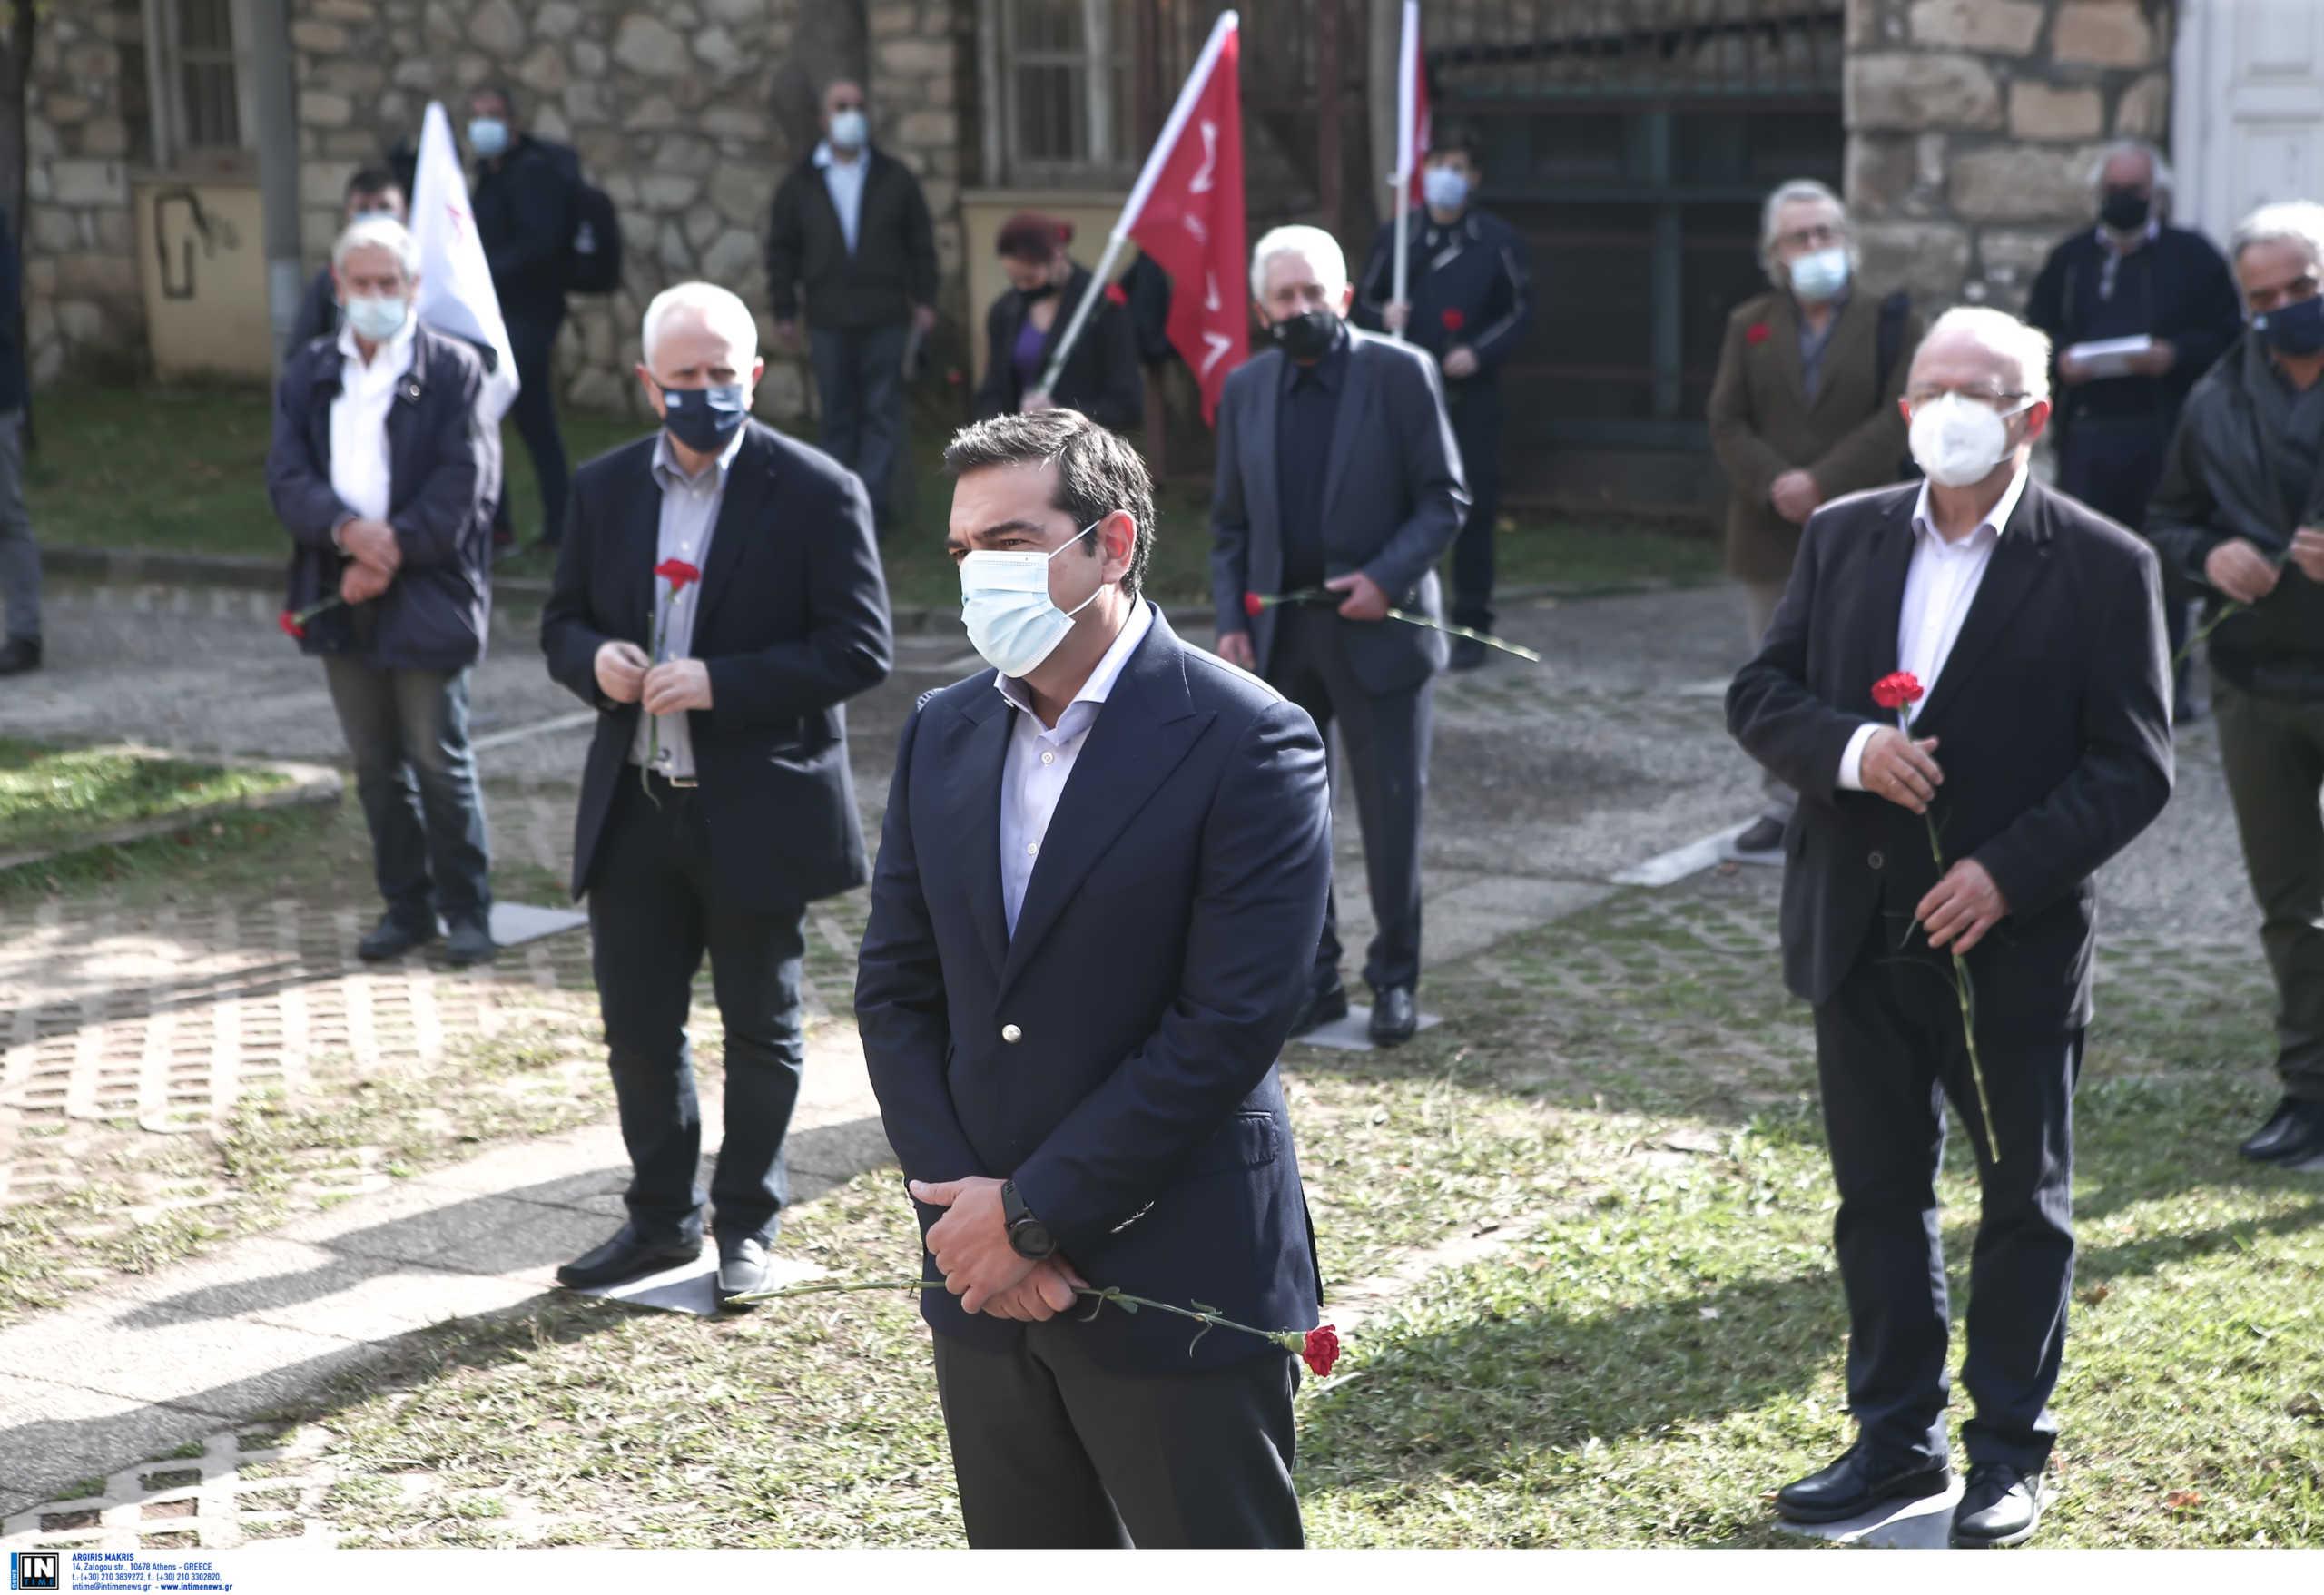 Ο ΣΥΡΙΖΑ στο ΕΑΤ - ΕΣΑ με γαρίφαλα, αποστάσεις και τον… Τσακαλώτο με το κόκκινο σακίδιο